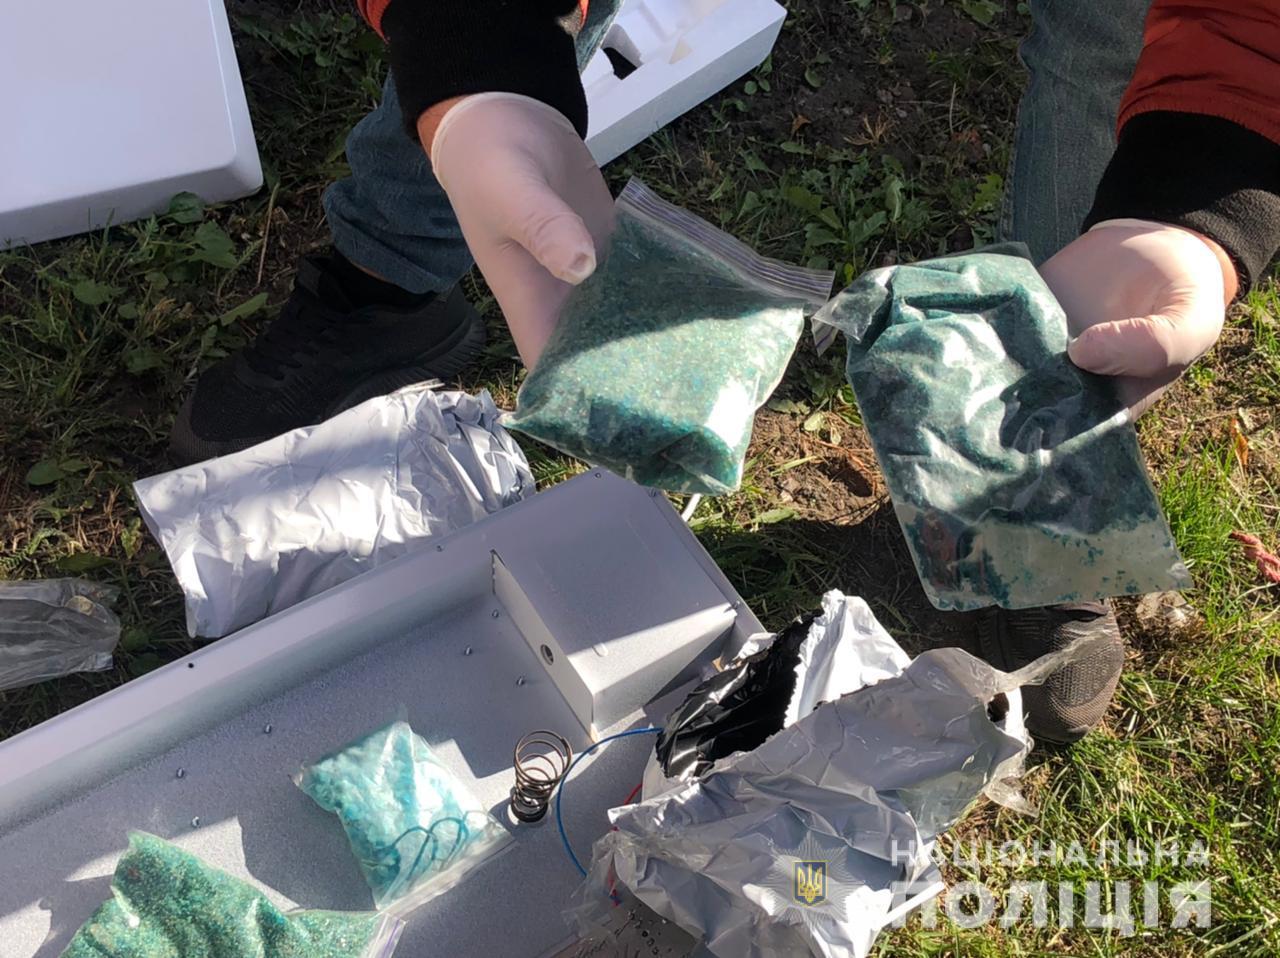 Наркотик Харьков: Закладчик прятал наркотики в батарее